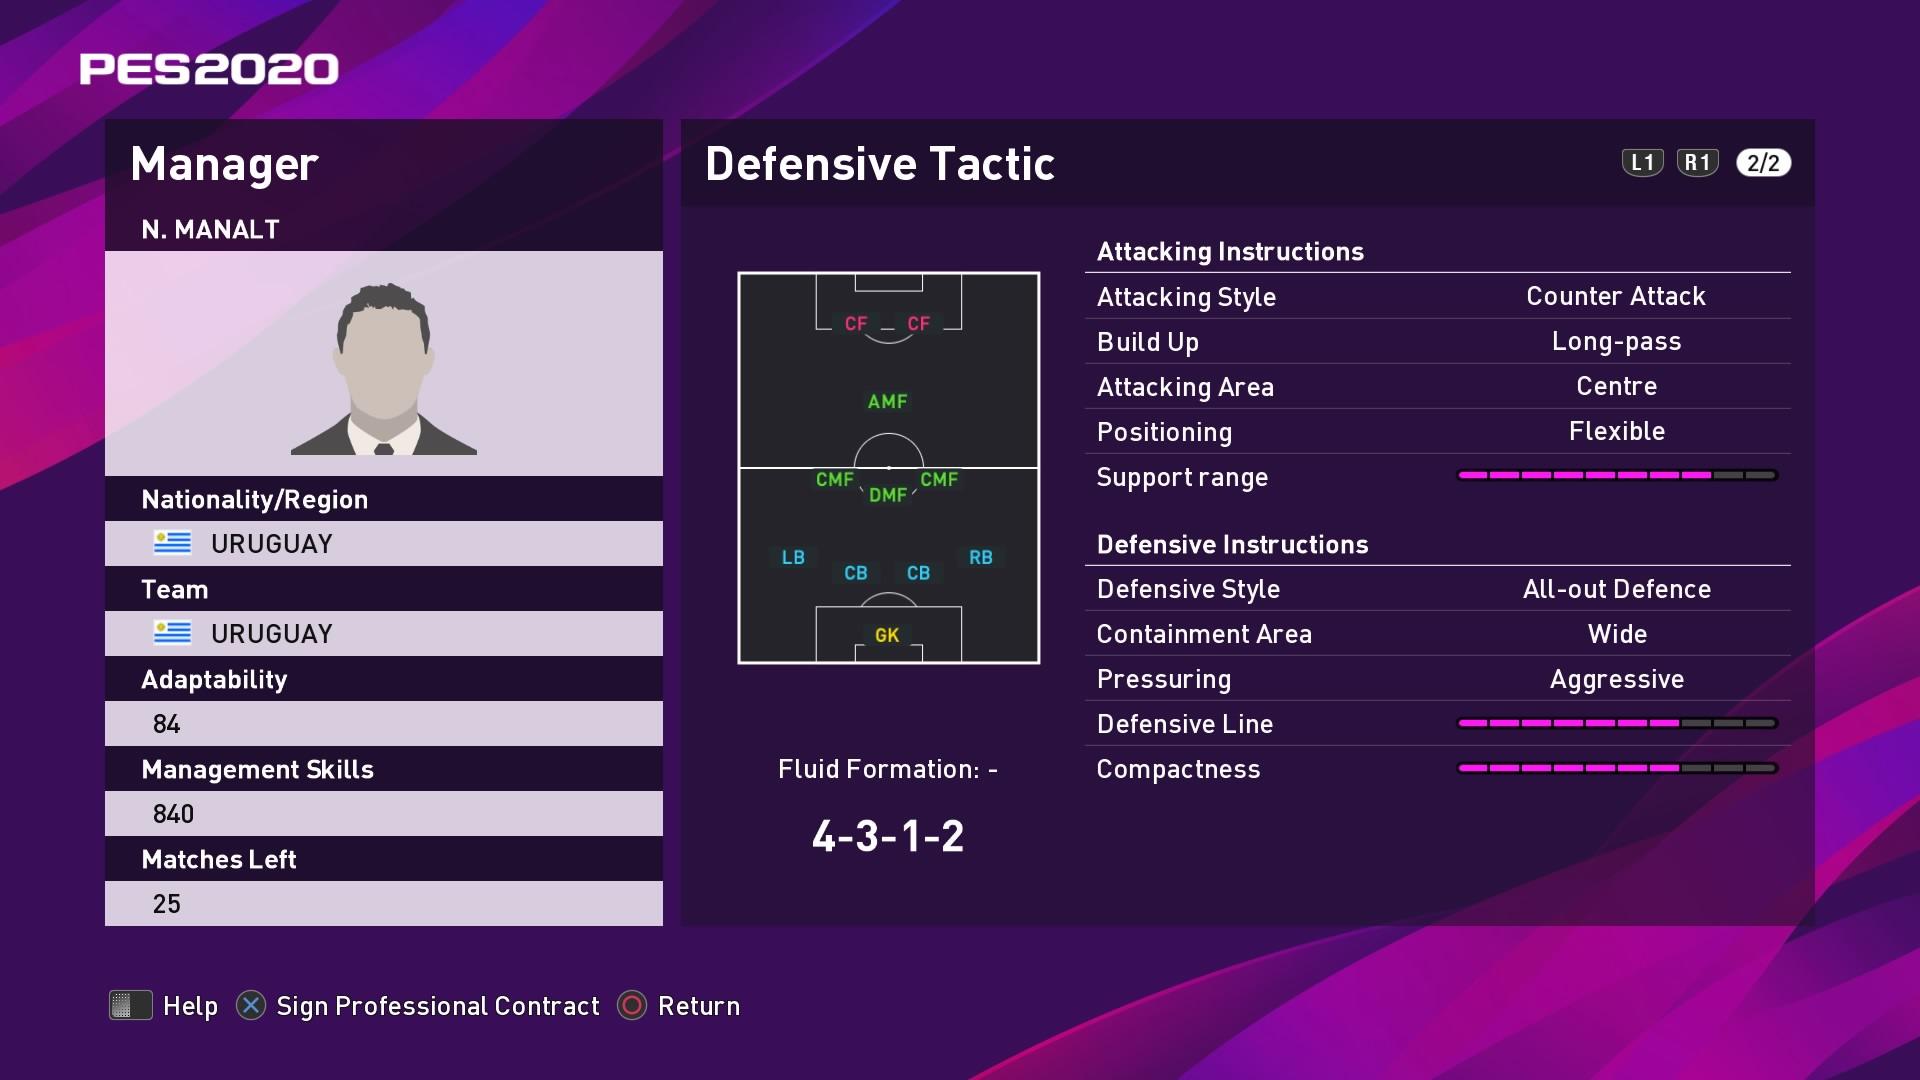 N. Manalt (2) (Óscar Tabárez) Defensive Tactic in PES 2020 myClub